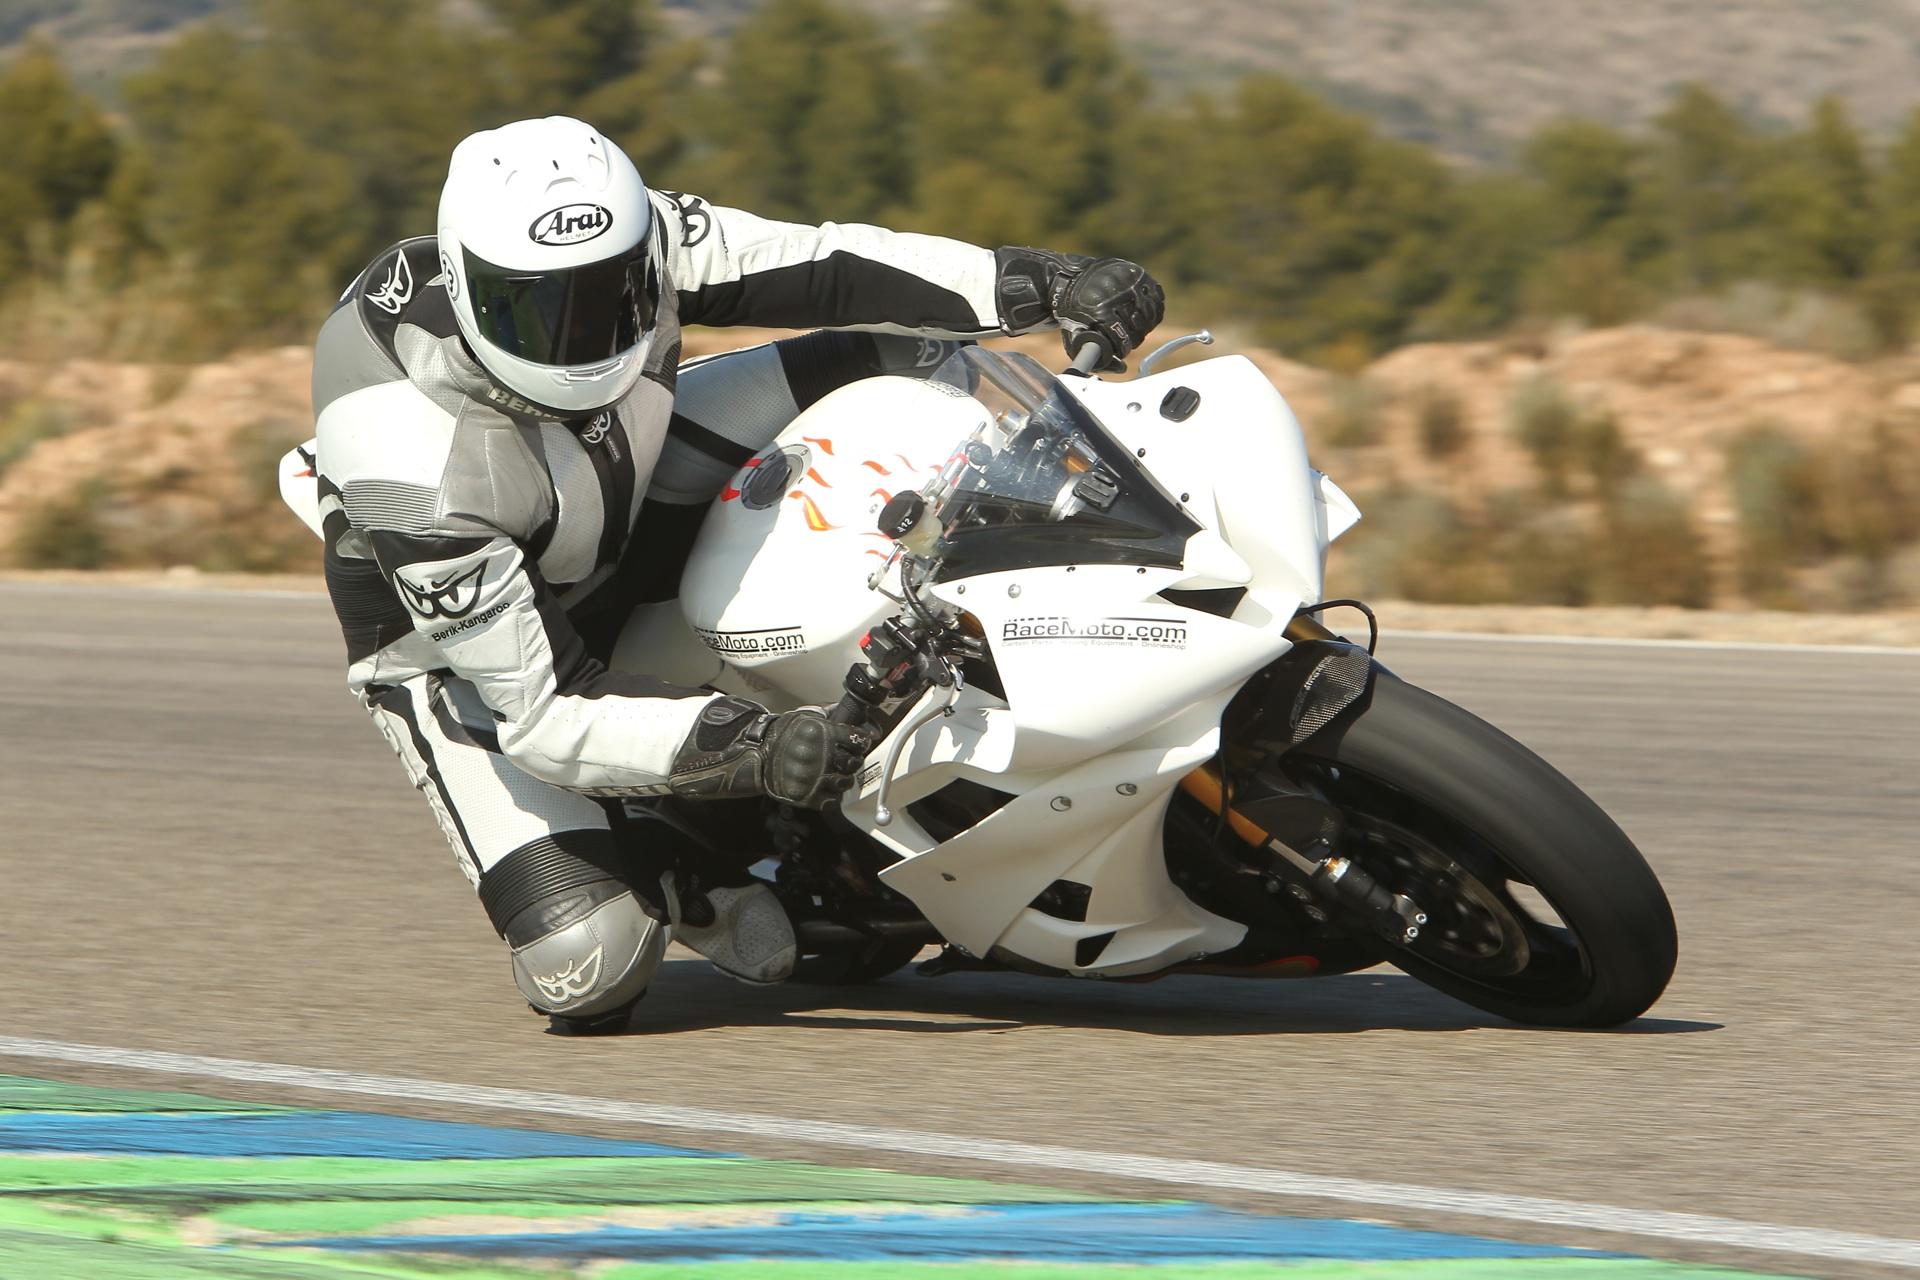 calafat_2012_racemoto_copyright_pixelrace_08